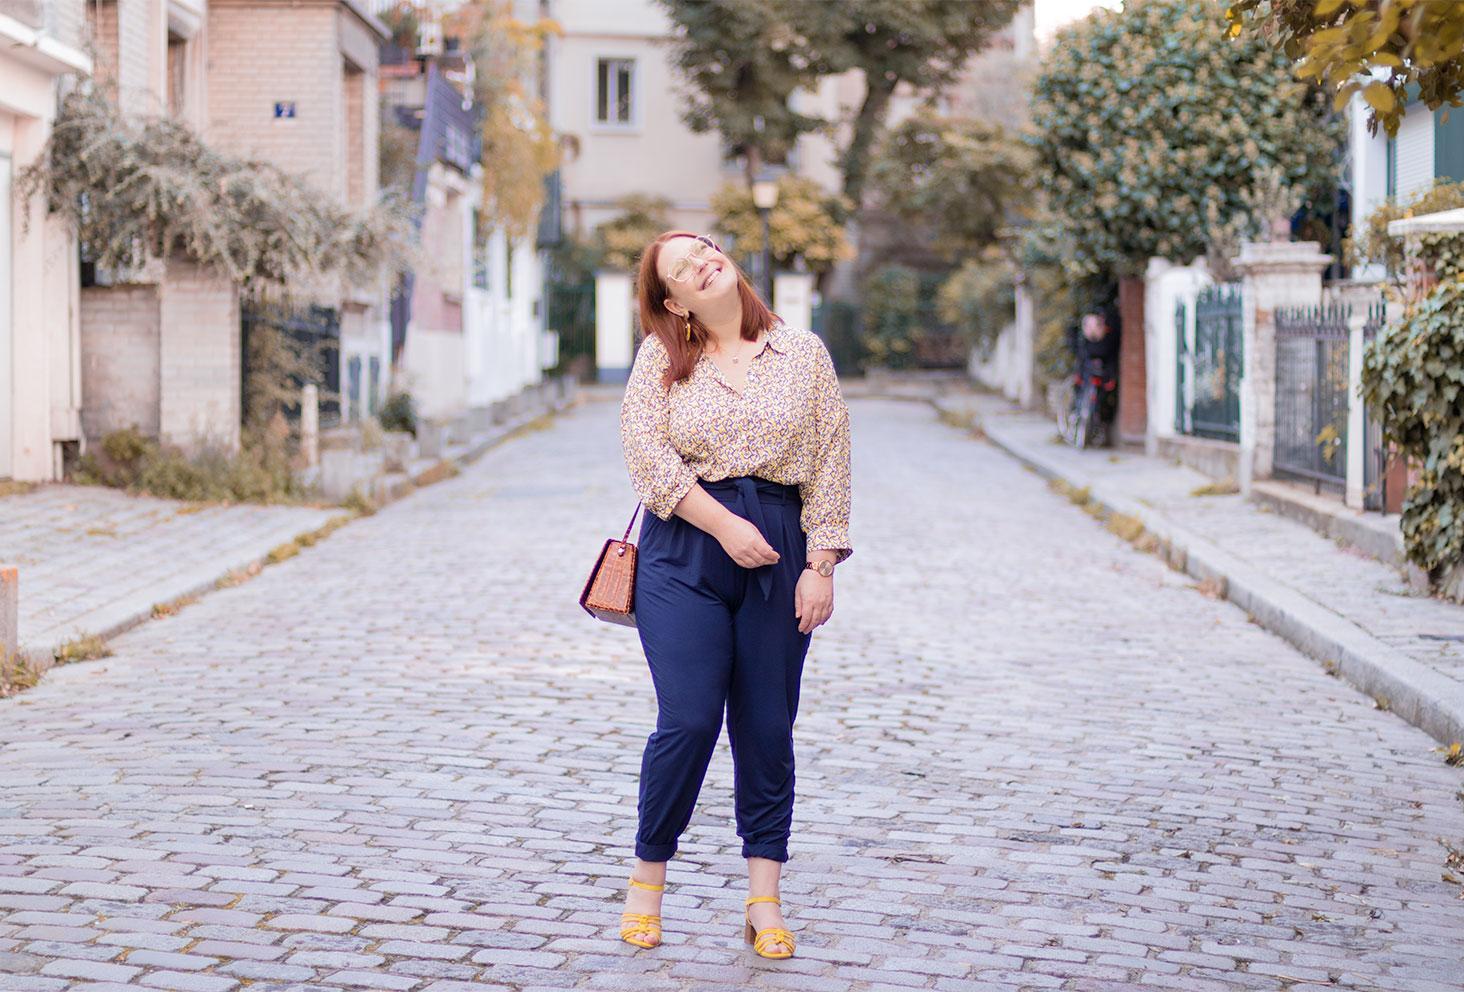 Au milieu d'une ruelle pavée de Montmartre avec le sourire, en pantalon bleu et talons jaunes, le sac Cavale Paris sur l'épaule